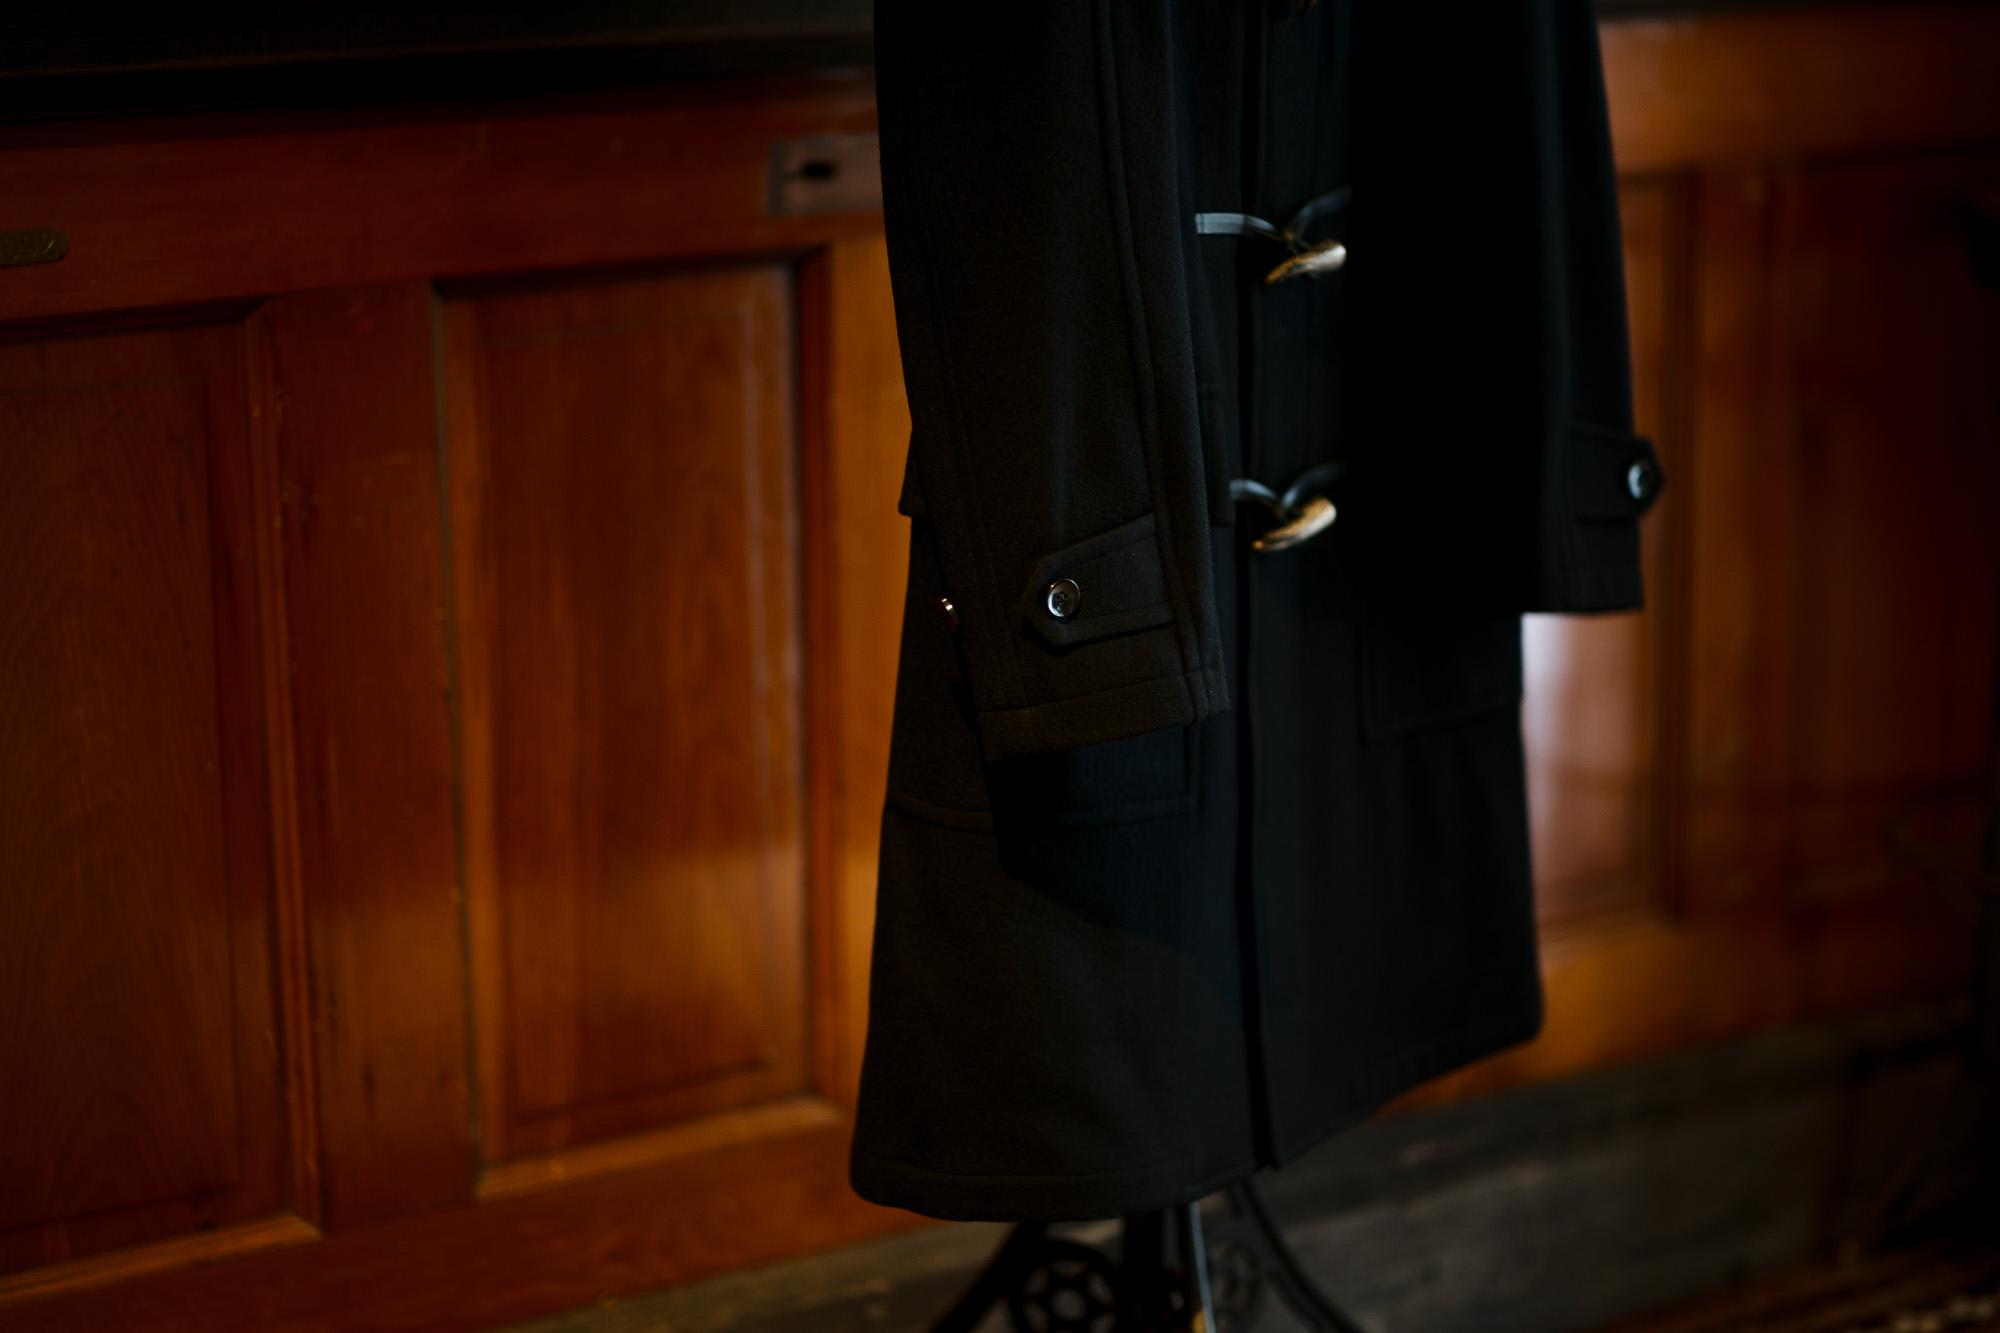 cuervo bopoha (クエルボ ヴァローナ) Sartoria Collection (サルトリア コレクション) David (デヴィッド) Cashmere カシミア ダッフルコート BLACK (ブラック) MADE IN JAPAN (日本製) 2020 秋冬 愛知 名古屋 altoediritto アルトエデリット ダッフル カシミヤ